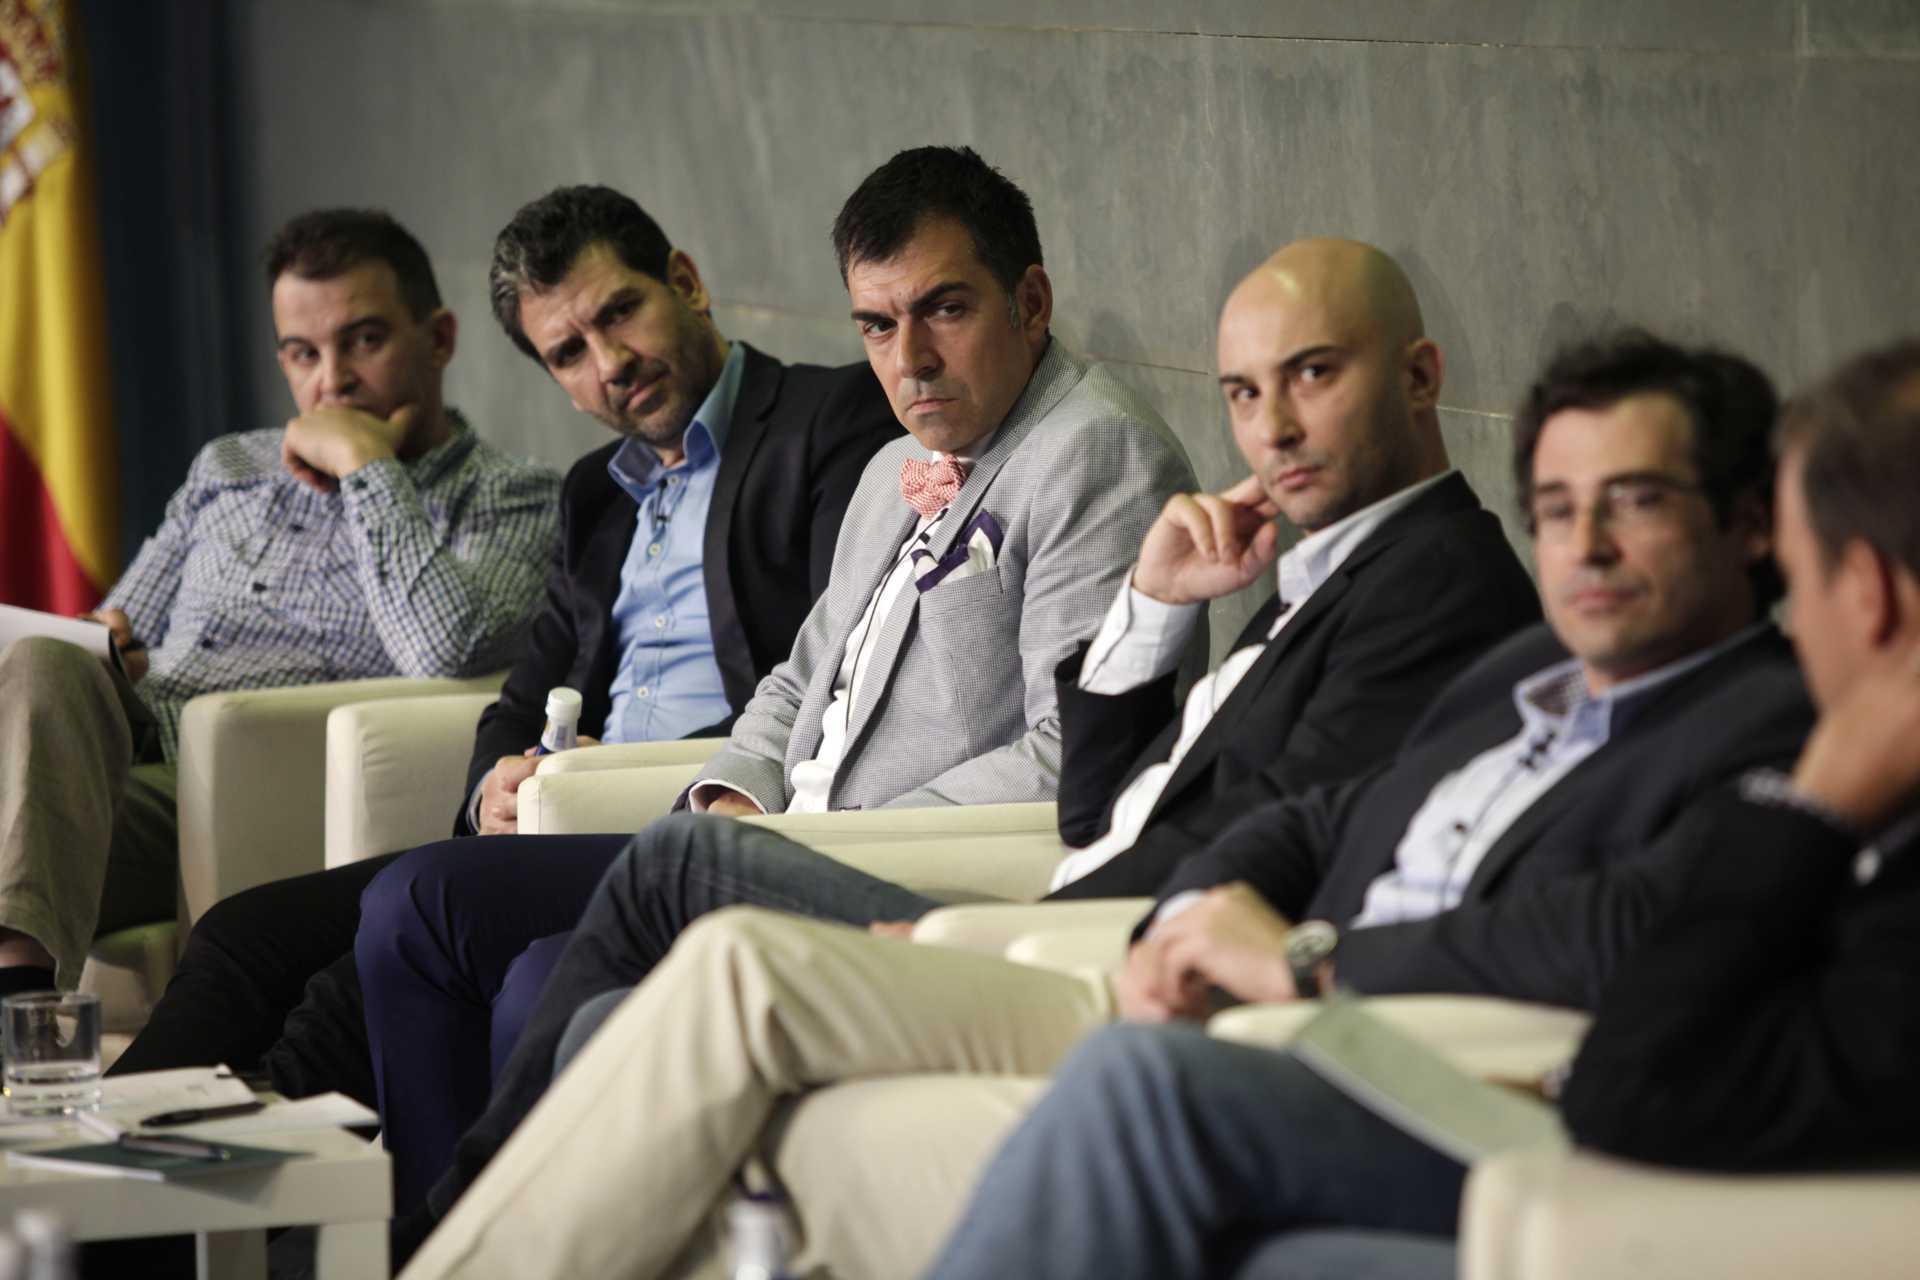 La Fundación Rafael del Pino celebra el 5º encuentro START UP SPAIN en su auditorio, e Madrid el 18 de Abril de 2013.